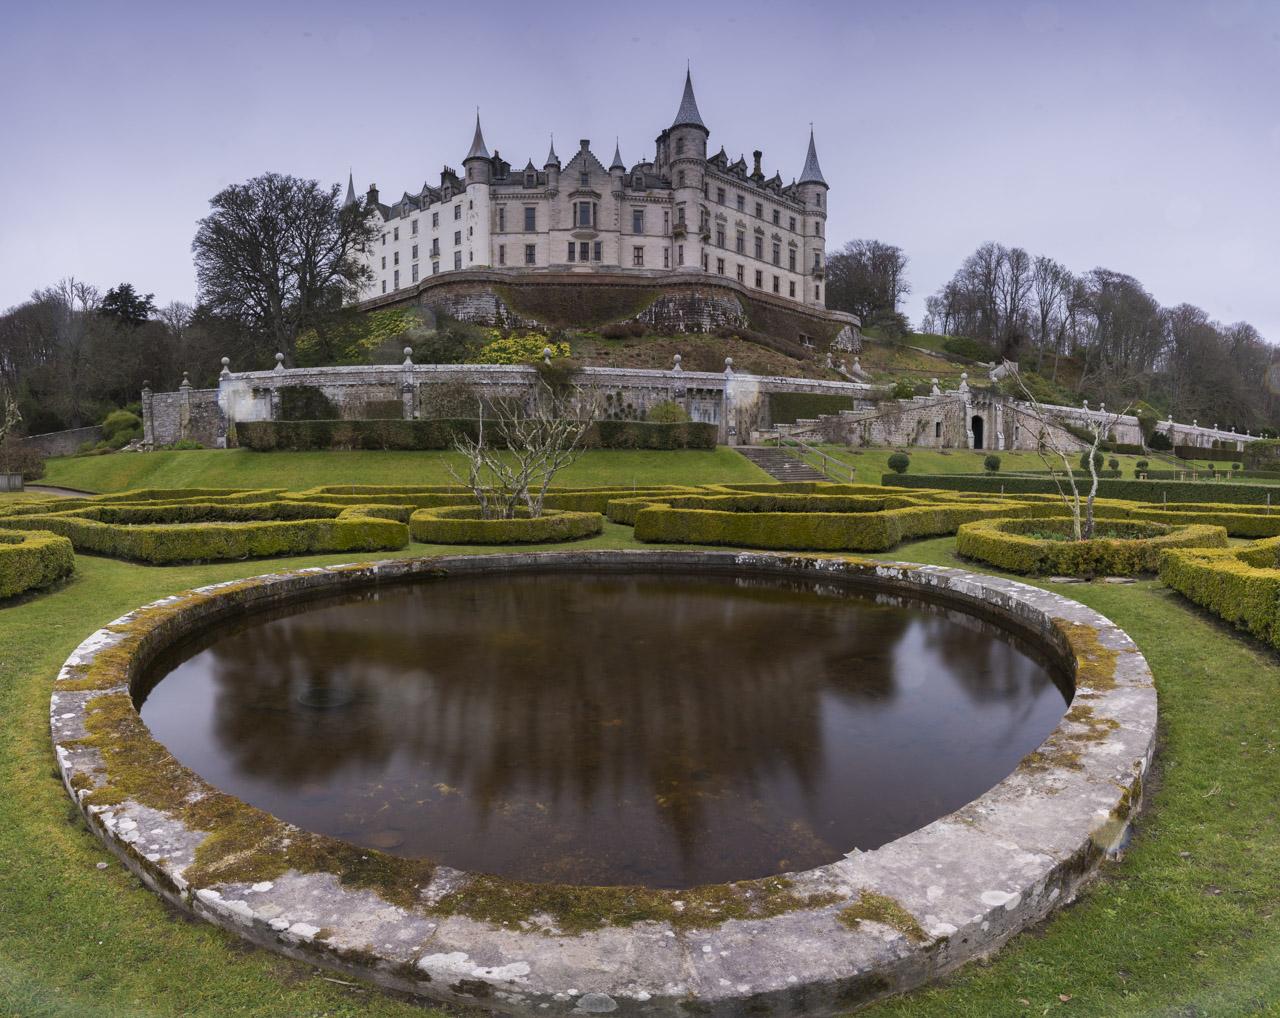 Дунробинский замок в Шотландии Замок Данробин Замок Данробин в Северной Шотландии dunrobin castle scotland 2